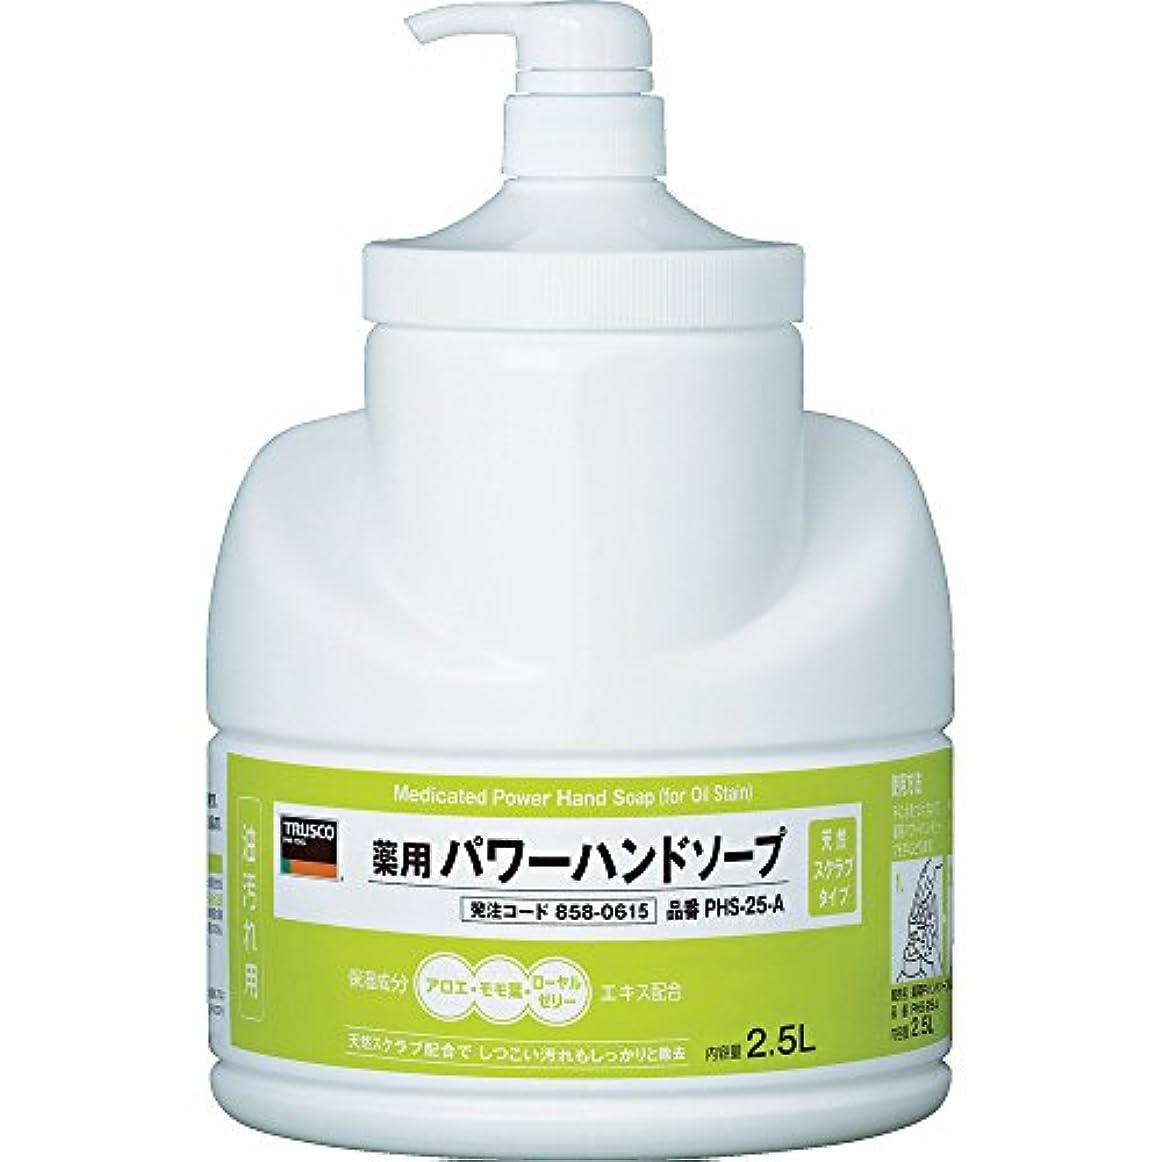 専門用語砂海TRUSCO(トラスコ) 薬用パワーハンドソープポンプボトル 2.5L PHS-25-A